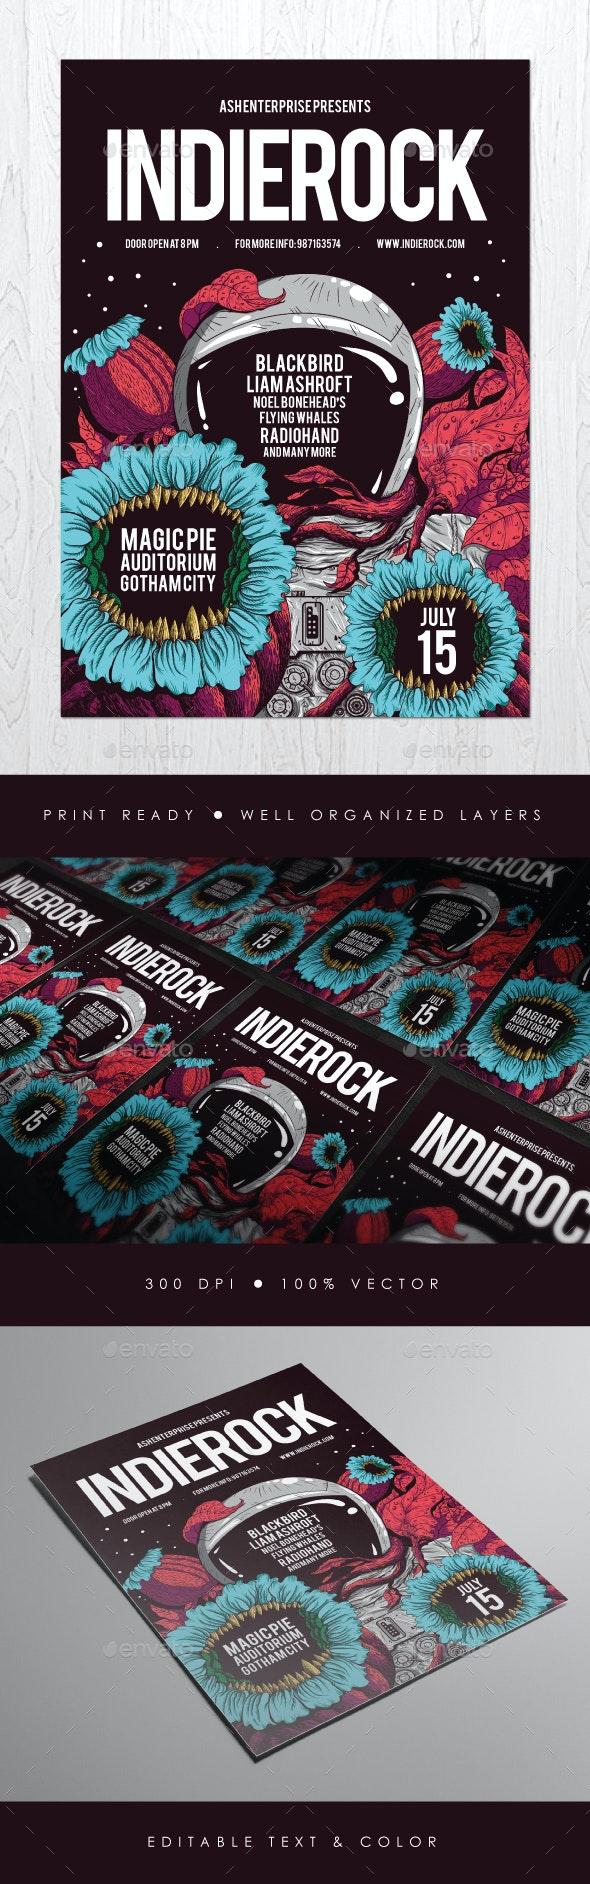 Indie Rock Vol. 4 Flyer - Concerts Events